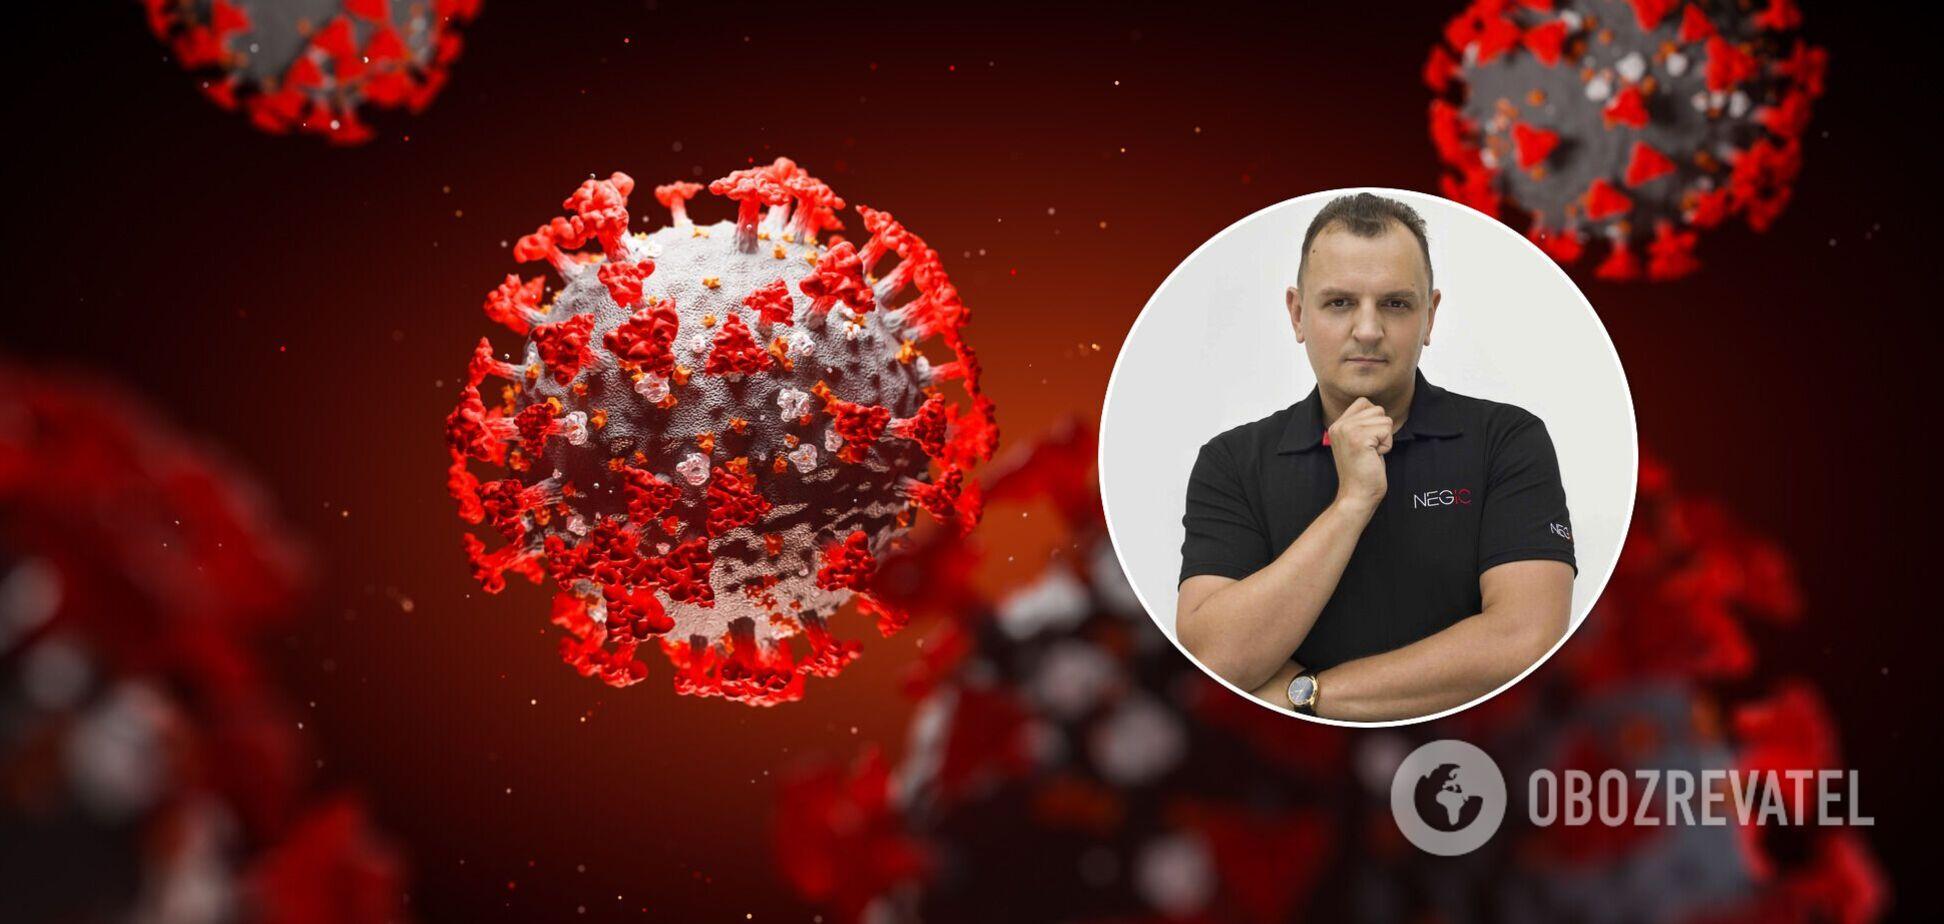 Третина українців має імунітет до COVID-19? Епідеміолог розвінчав міф